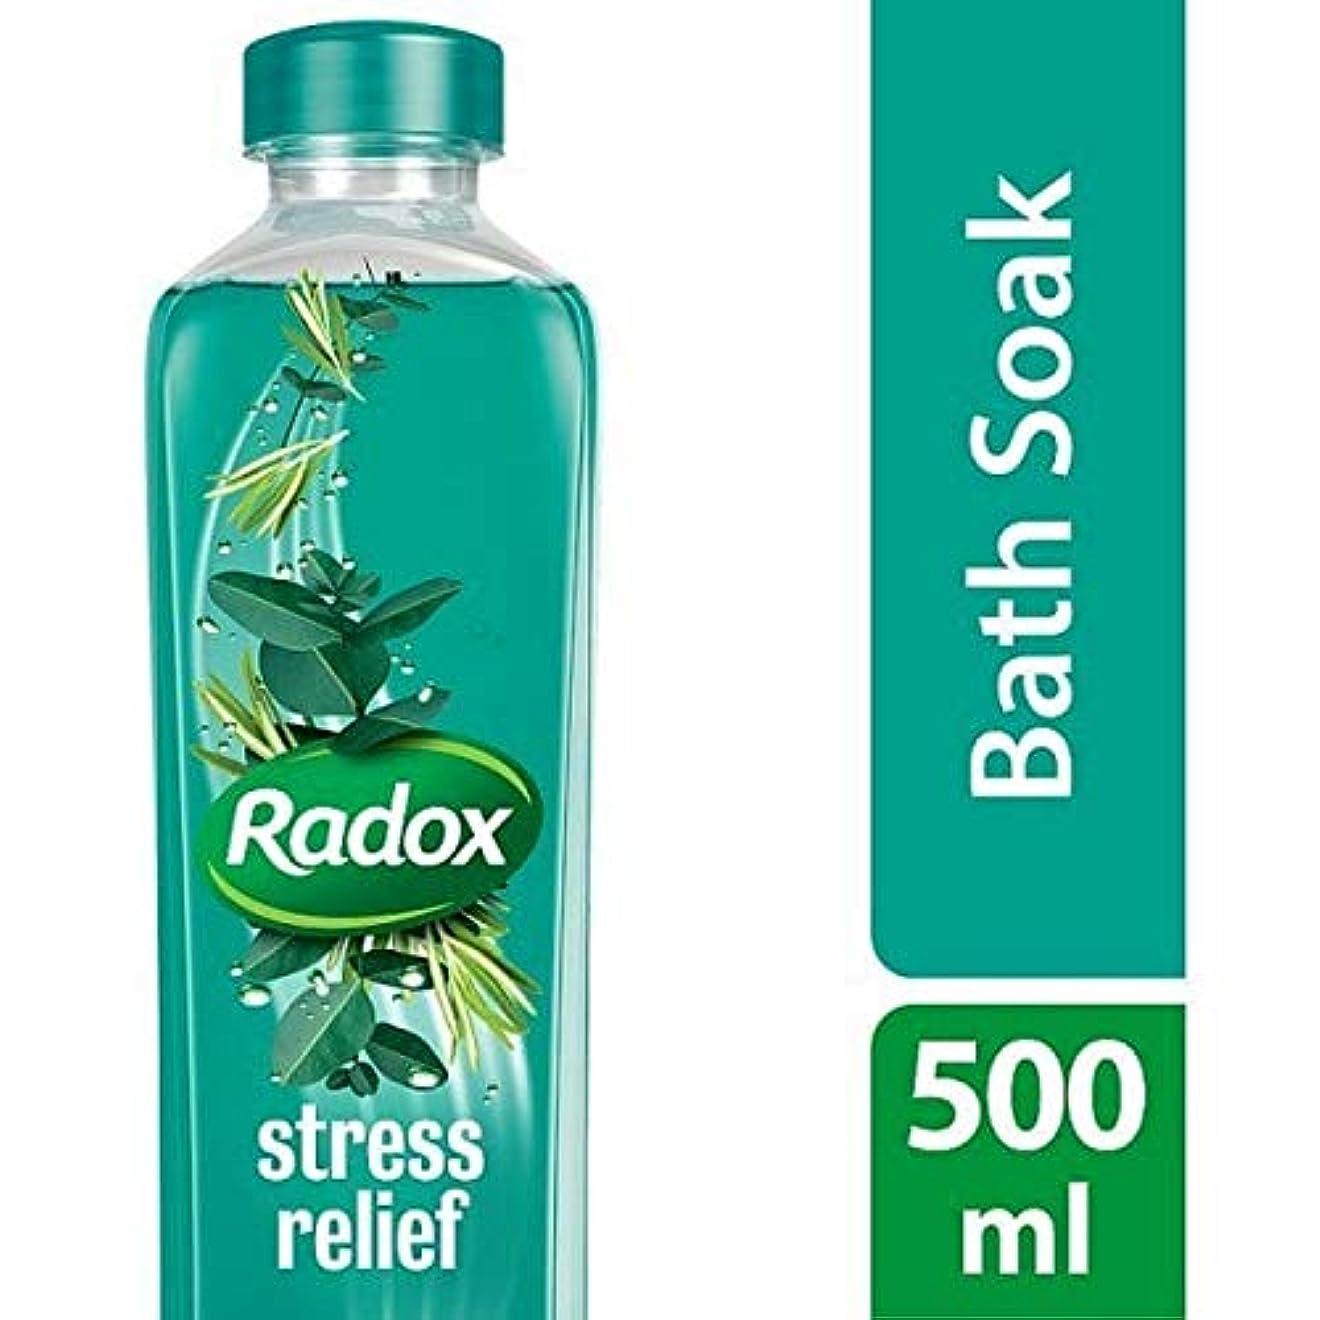 手術同化トラクター[Radox] Radoxは、500ミリリットルのソーク良い香りストレスリリーフ風呂を感じます - Radox Feel Good Fragrance Stress Relief Bath Soak 500ml [並行輸入品]